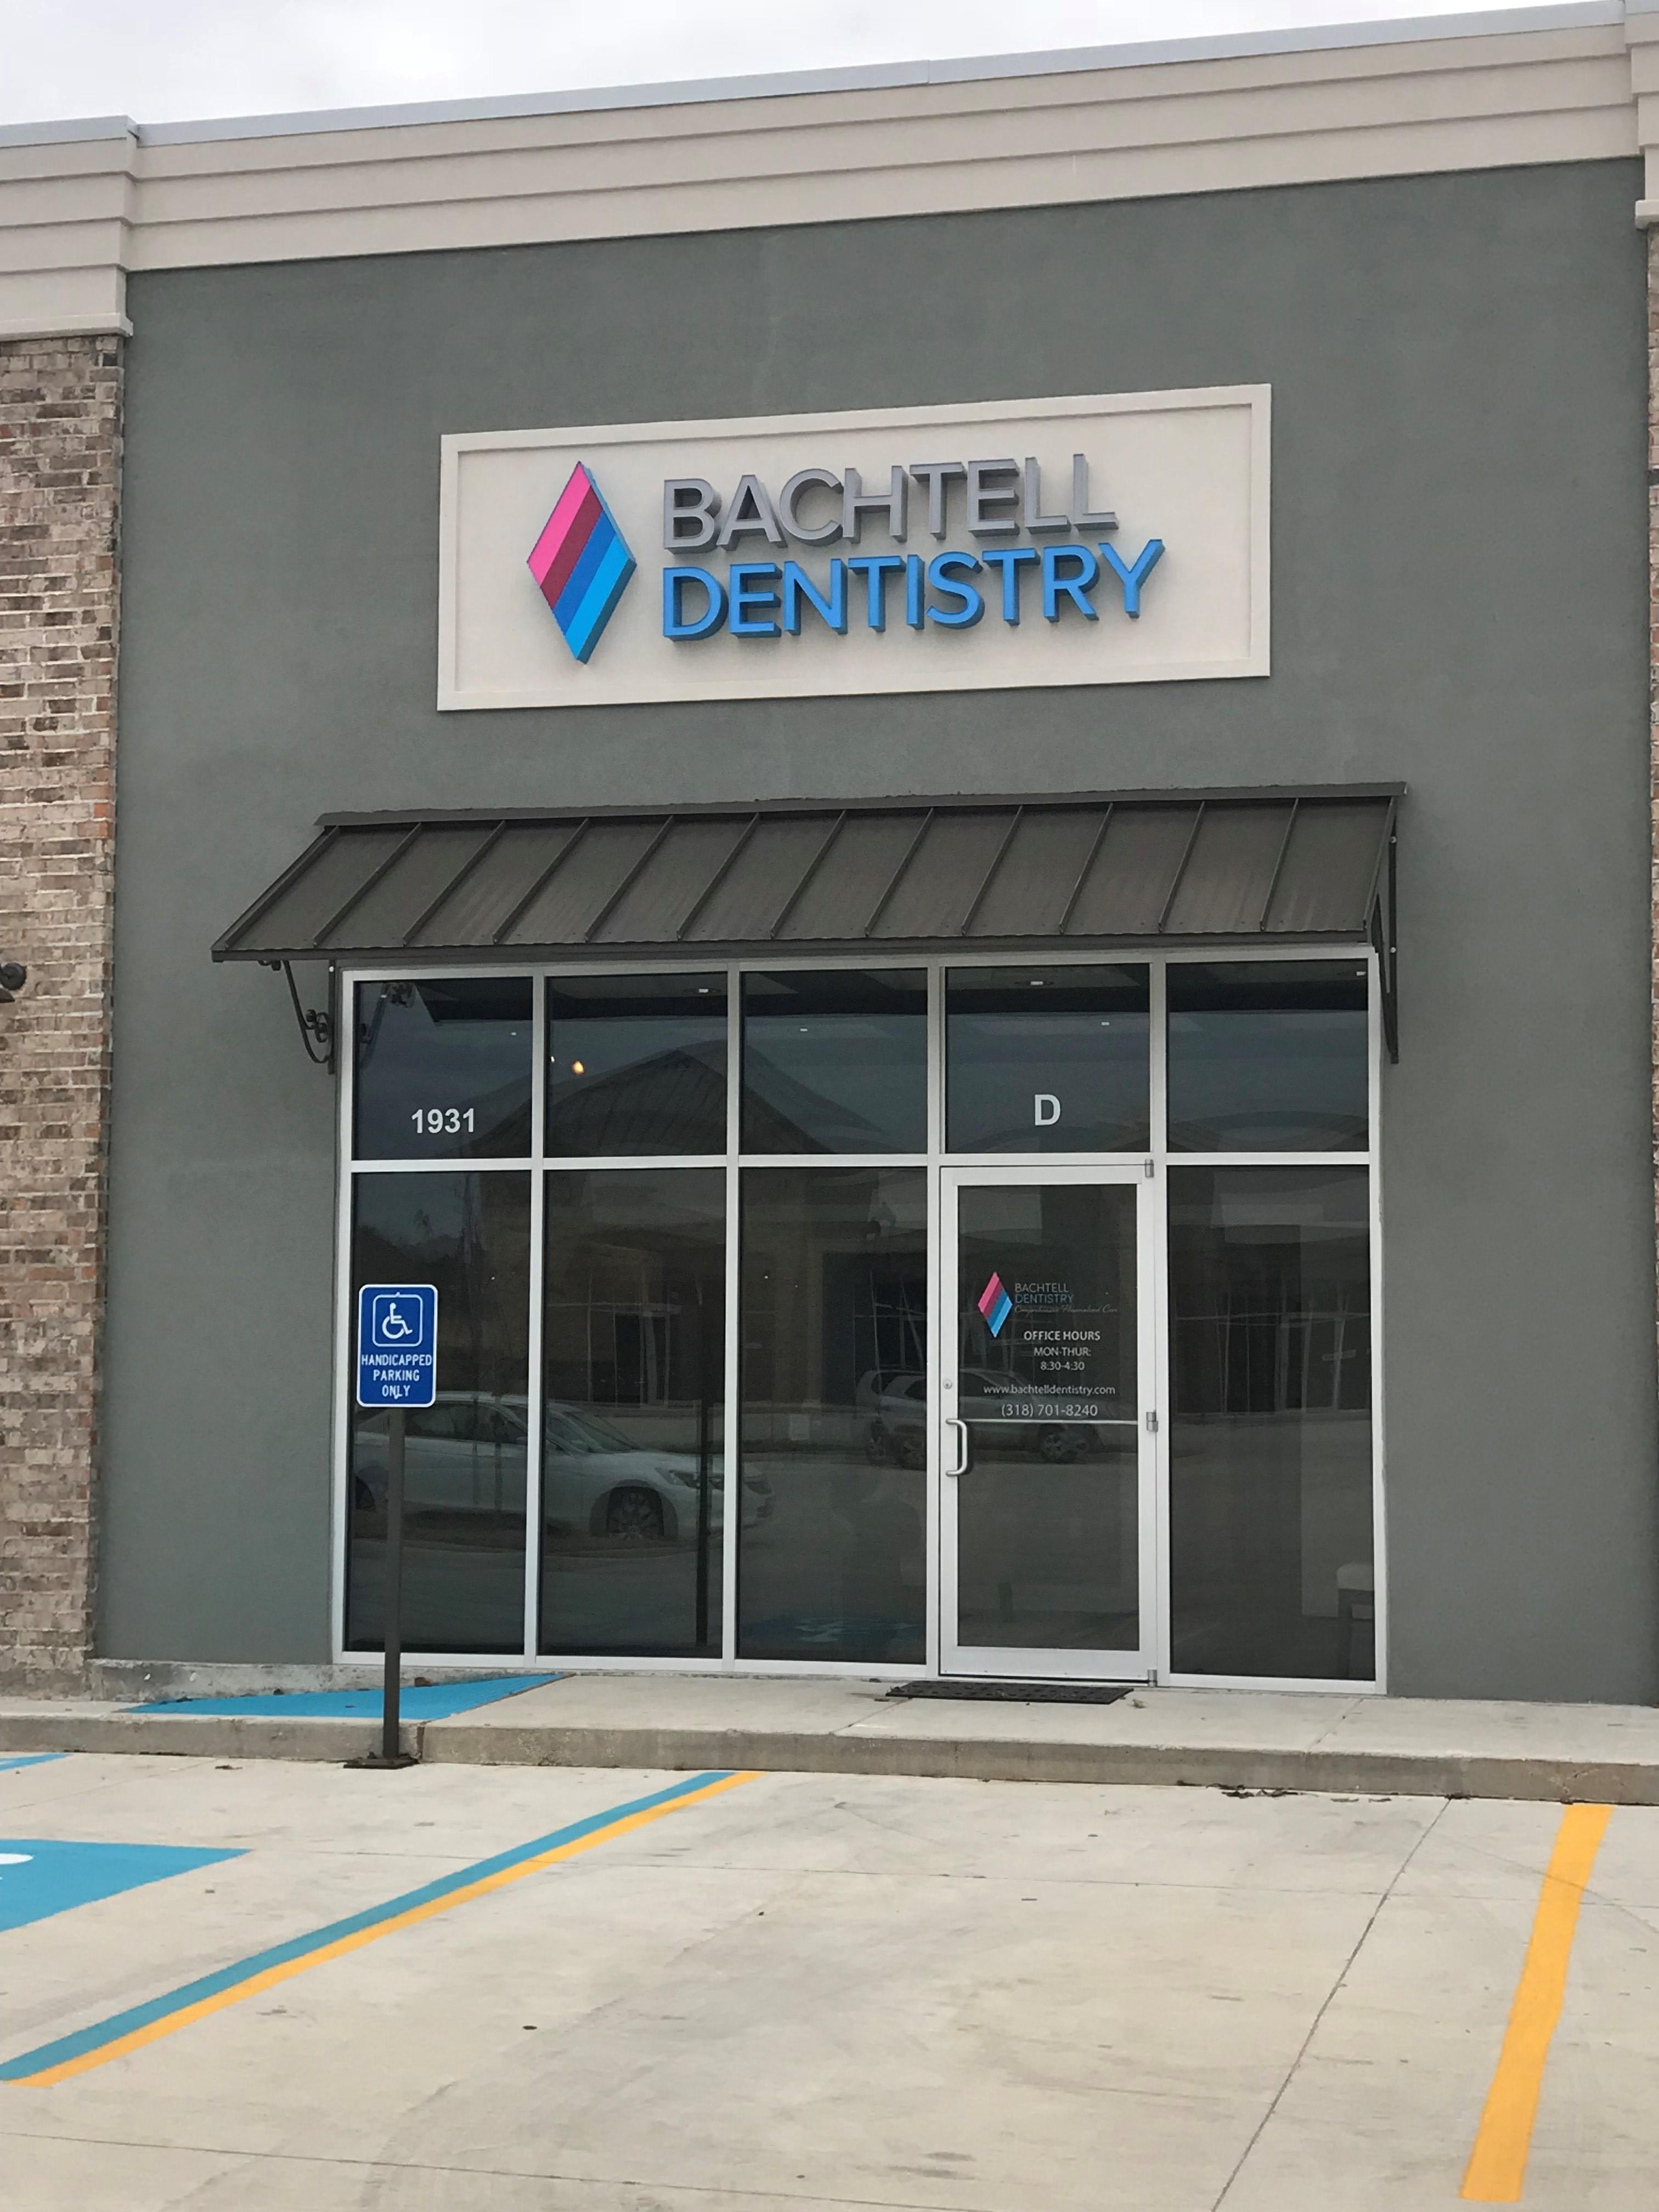 Bachtell Dentistry image 1